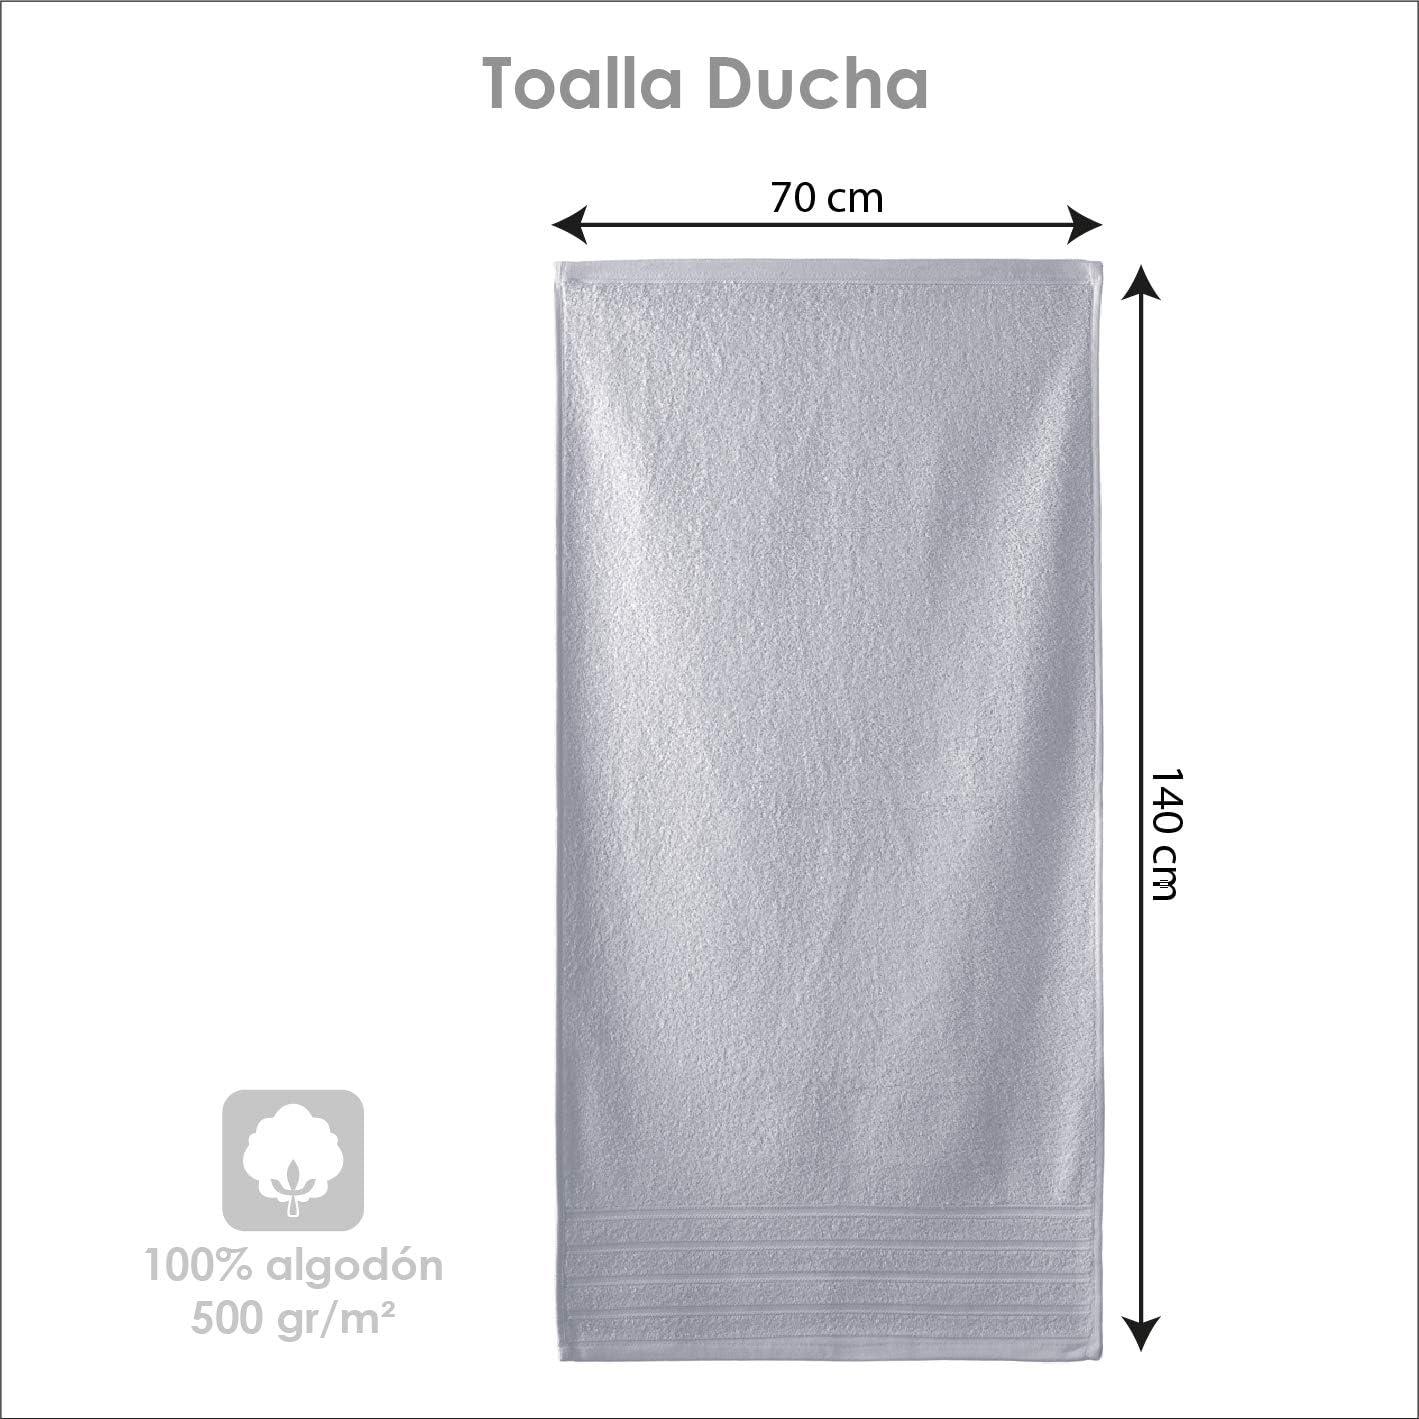 lavabo y ducha beige modelo Diamante rizo americano Barcel/ó Hogar 05040010015 Juego de 3 toallas para bid/é